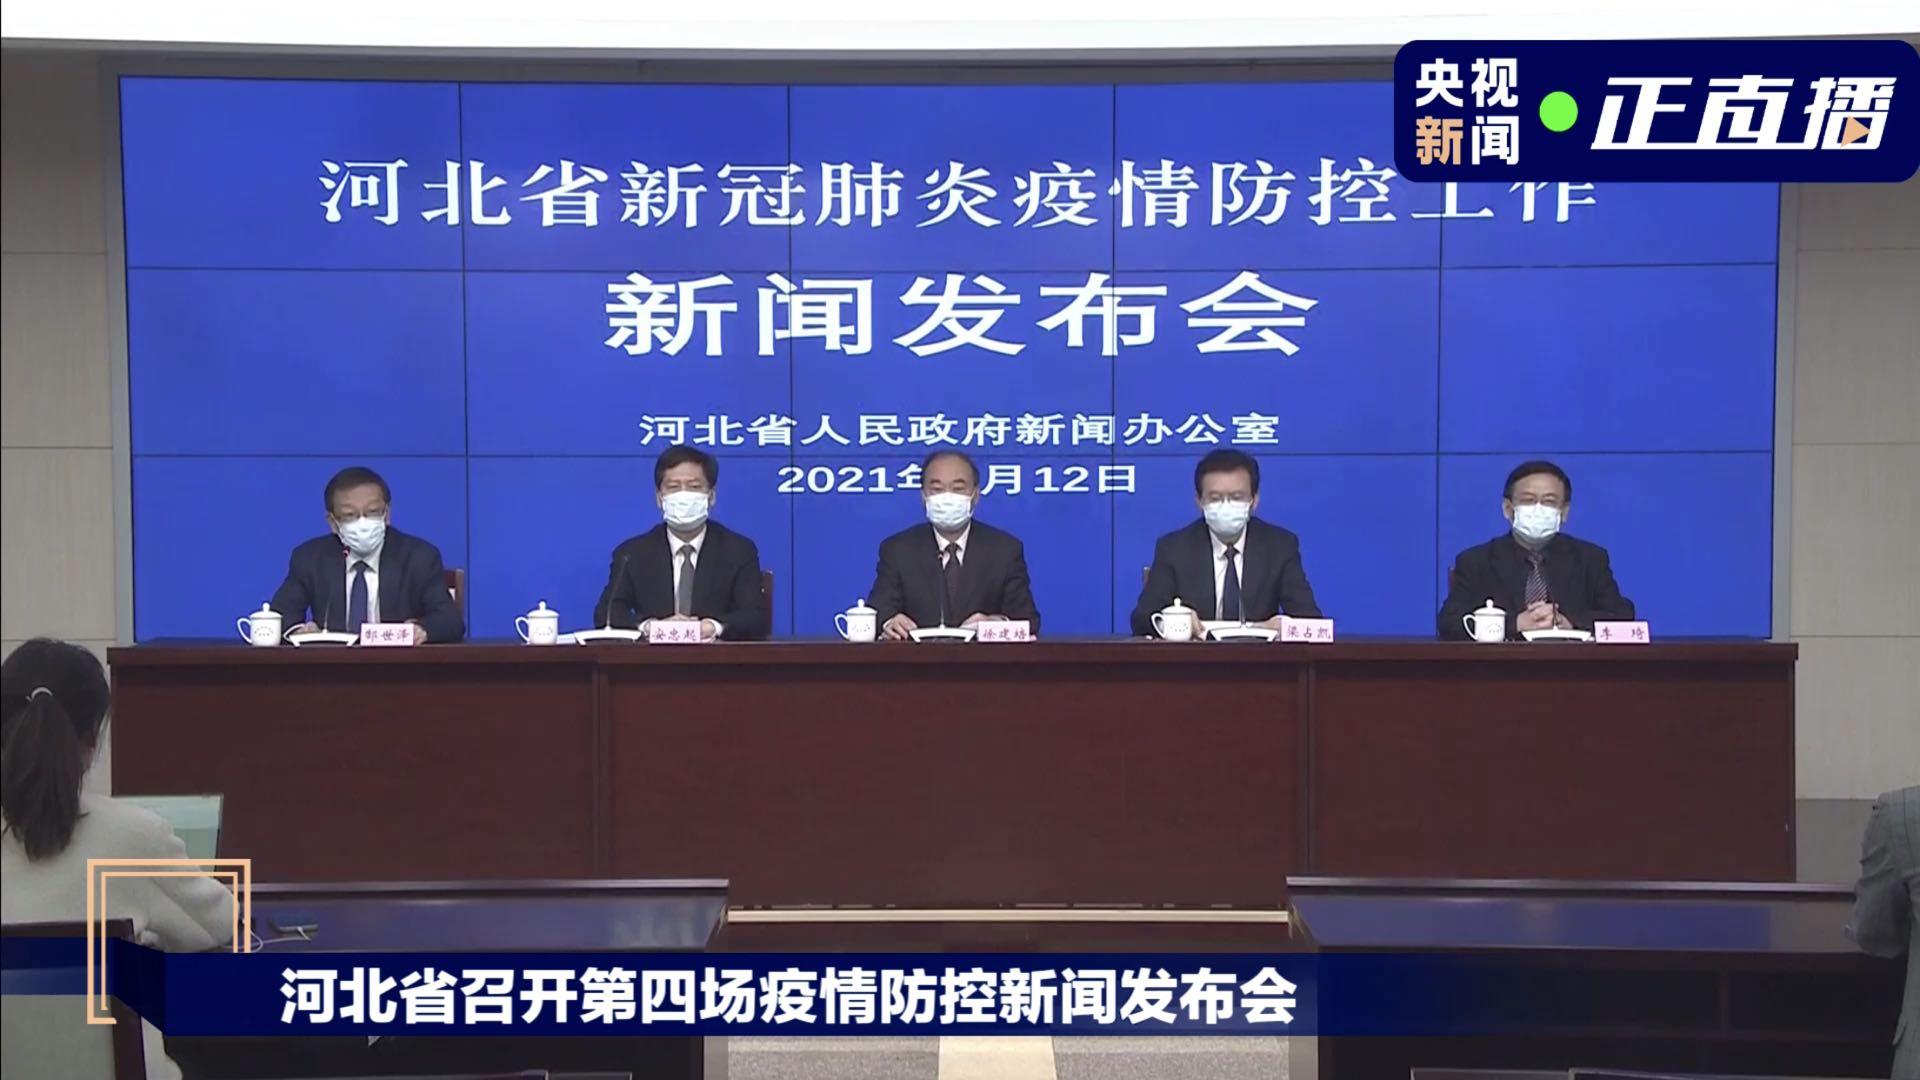 新增21例确诊 石家庄、邢台、廊坊全域封闭管理 河北疫情发布会要点来了→